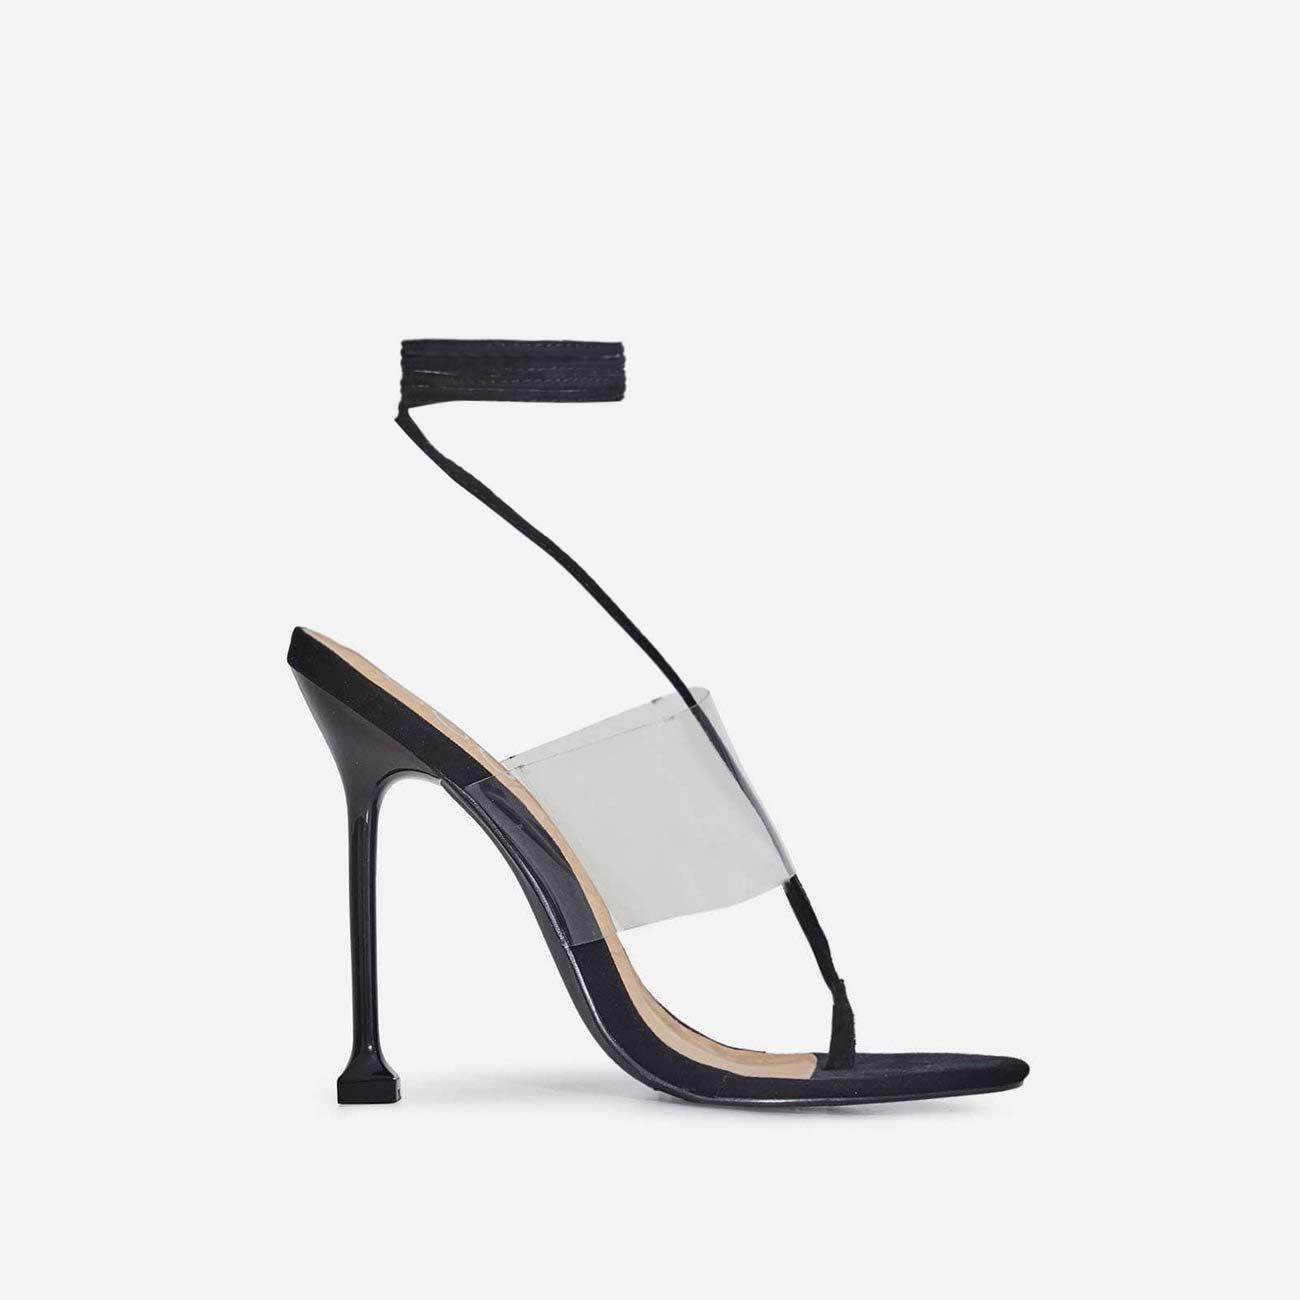 Presca Lace Up Perspex Heel In Black Faux Suede